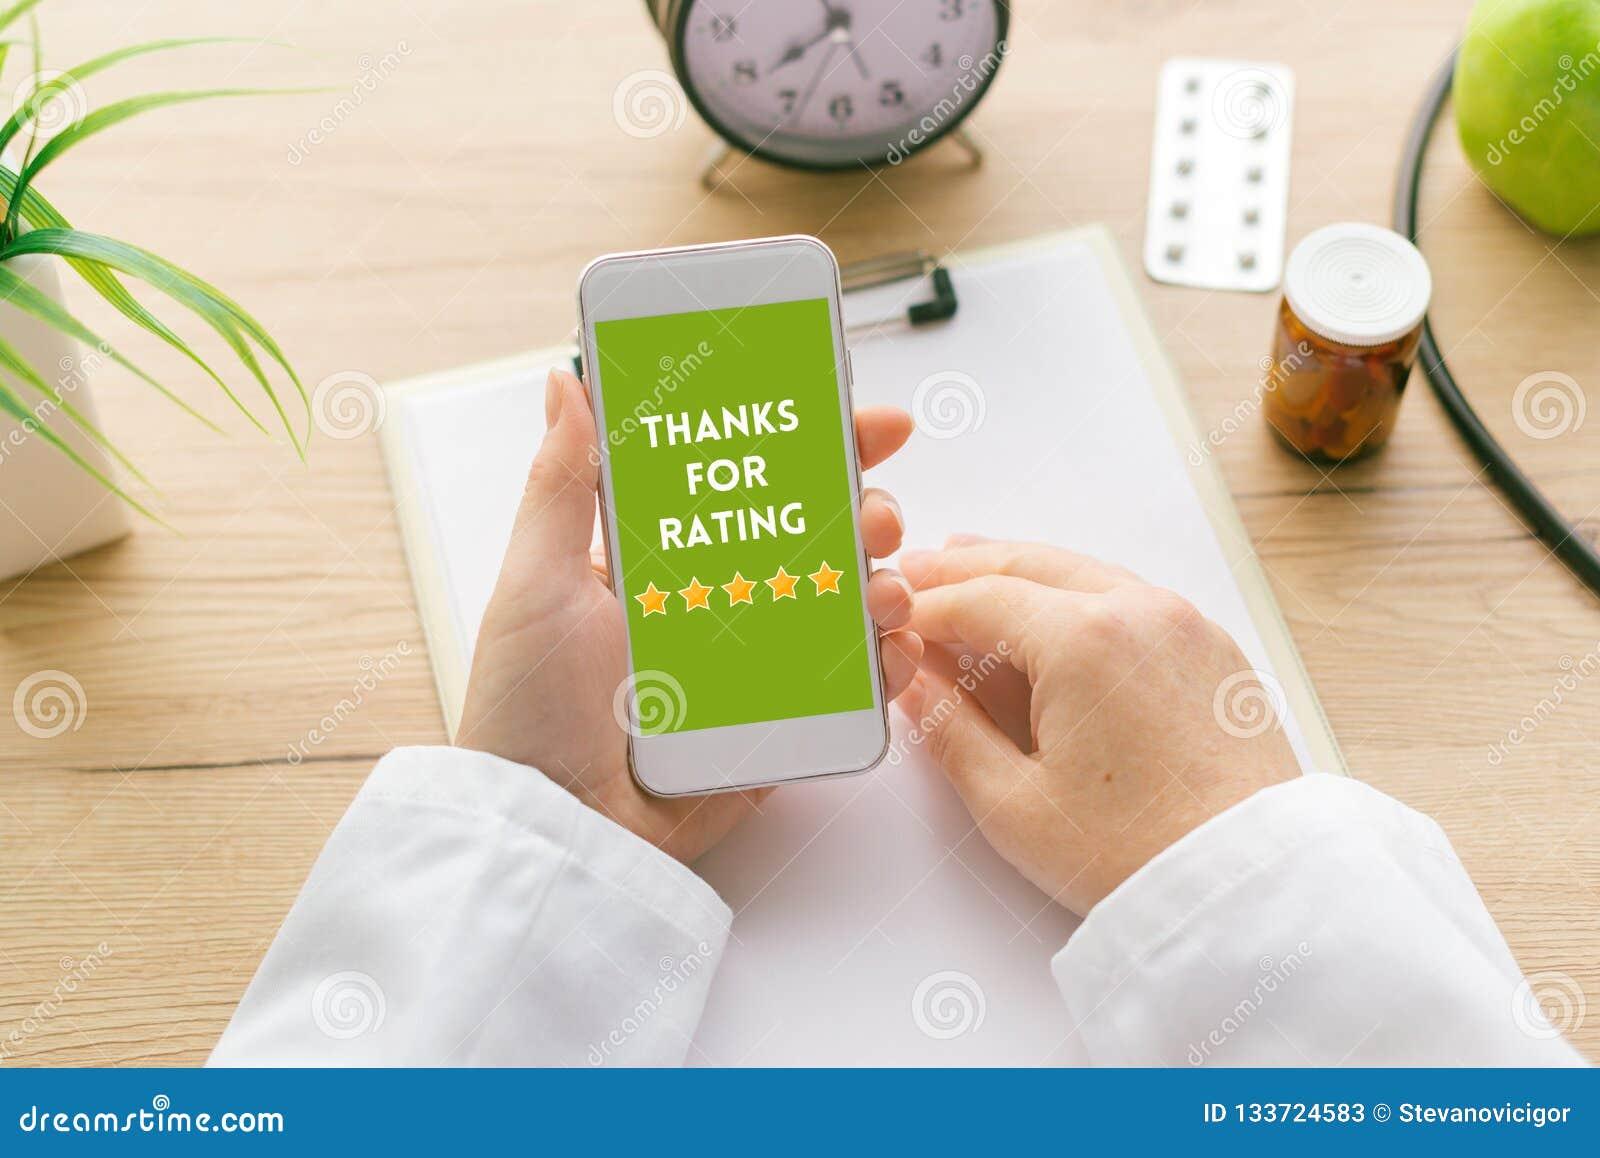 Merci pour message de évaluation sur l écran de smartphone